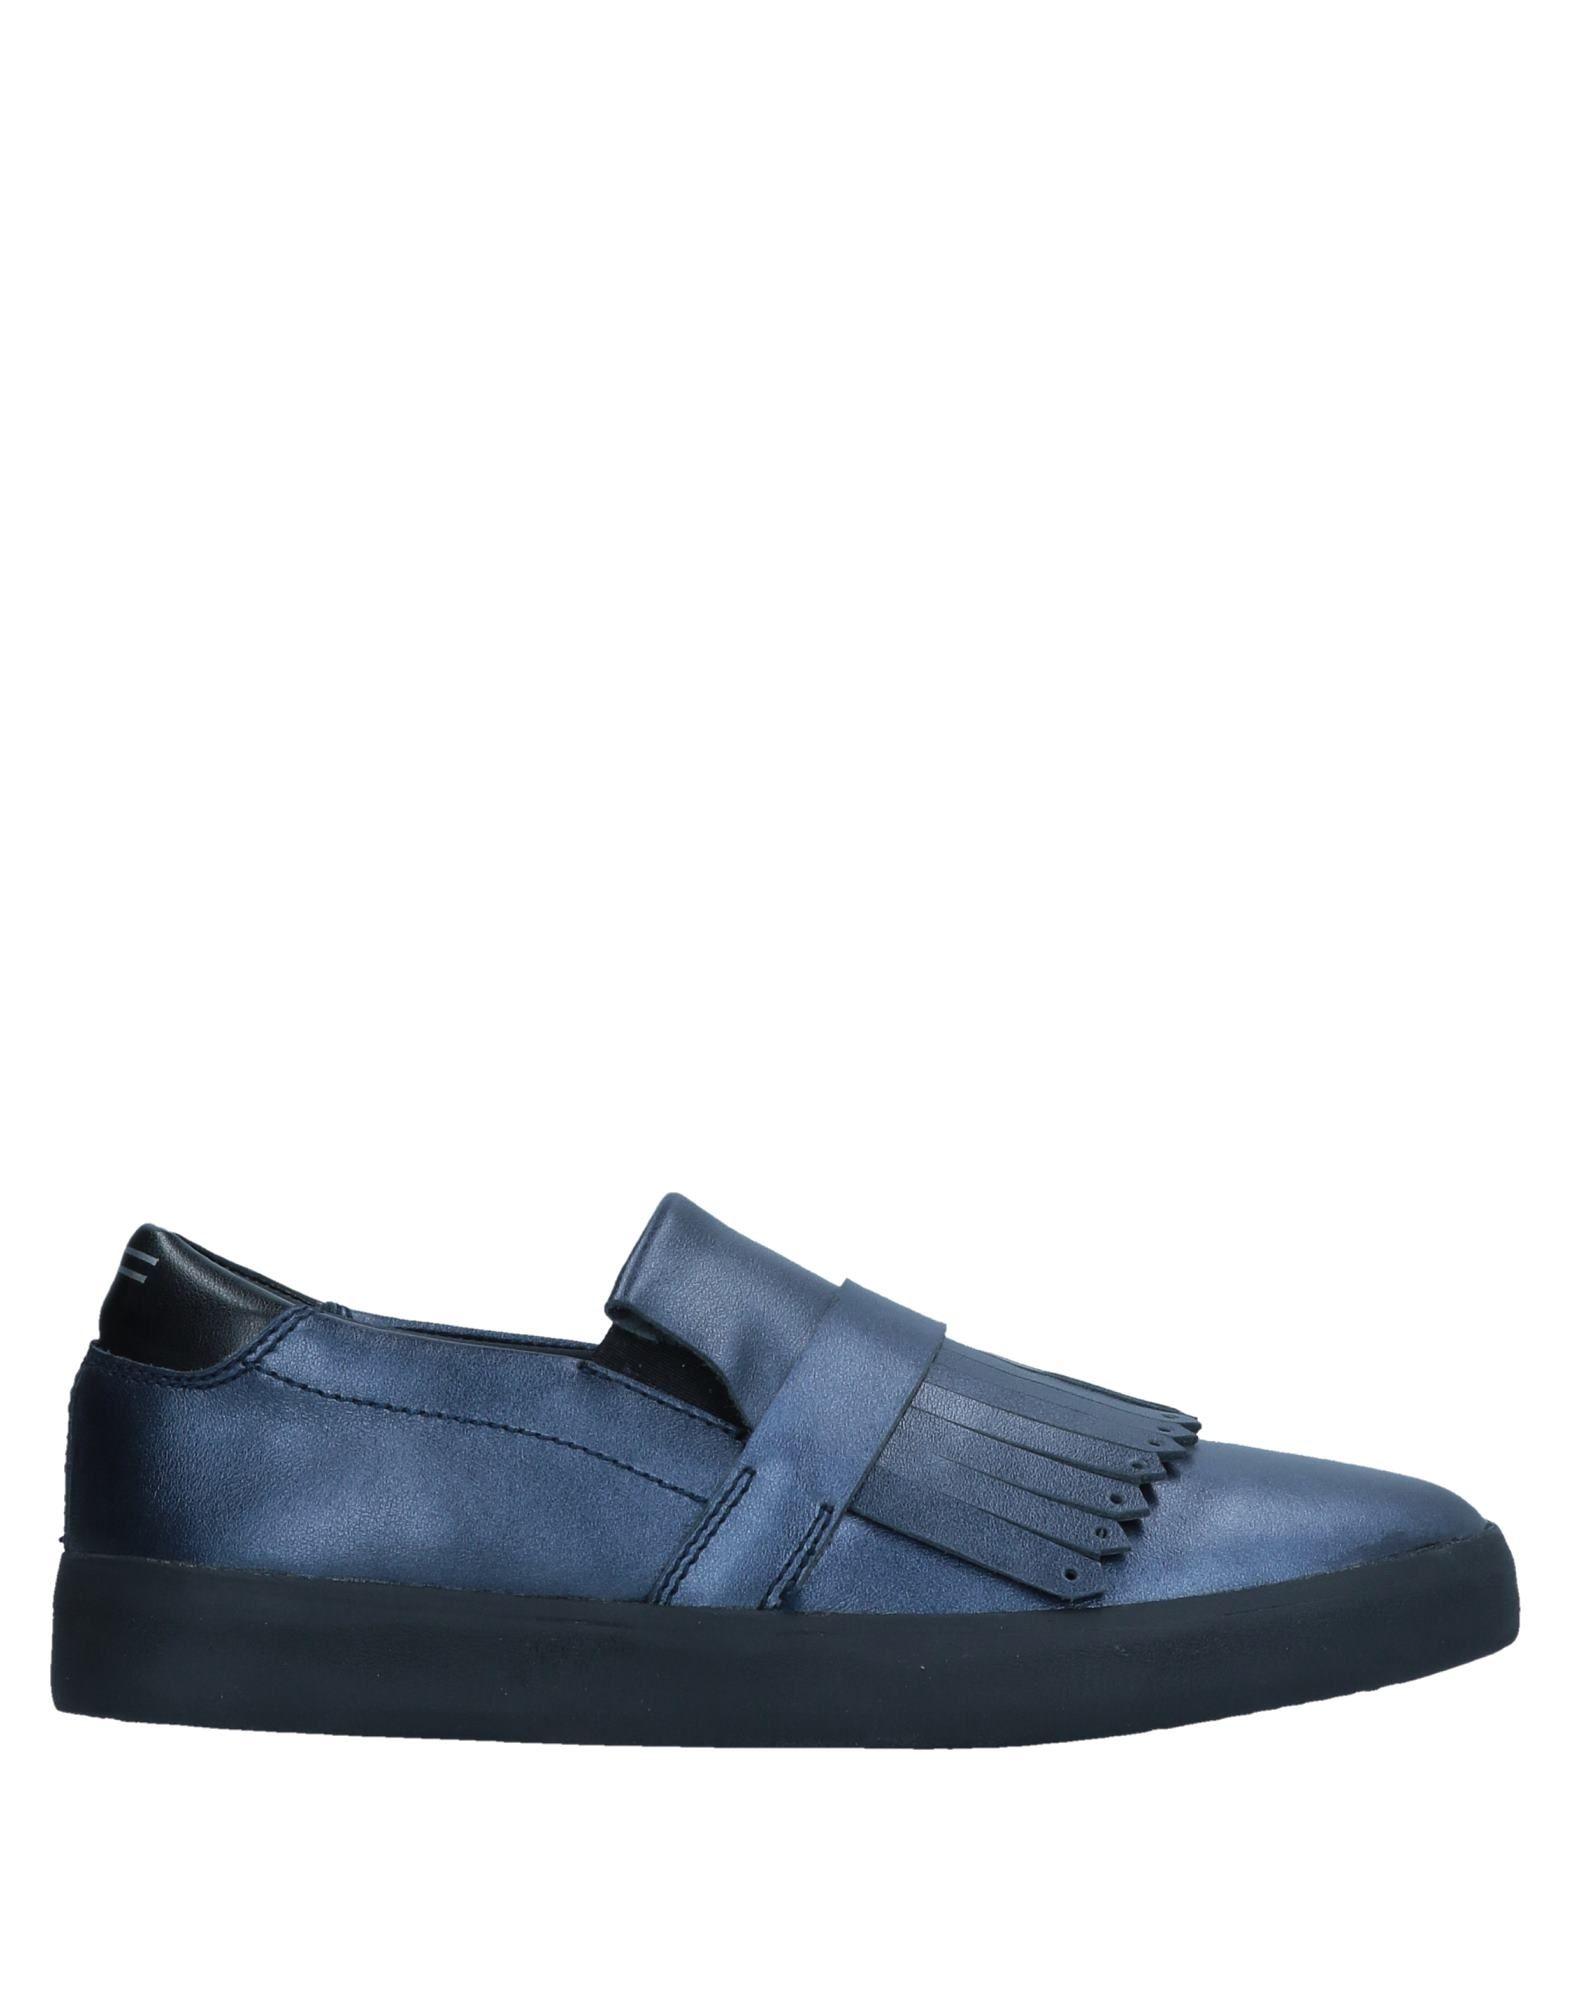 Sneakers O.X.S. Donna - scarpe 11509943IW Nuove offerte e scarpe - comode e640f1